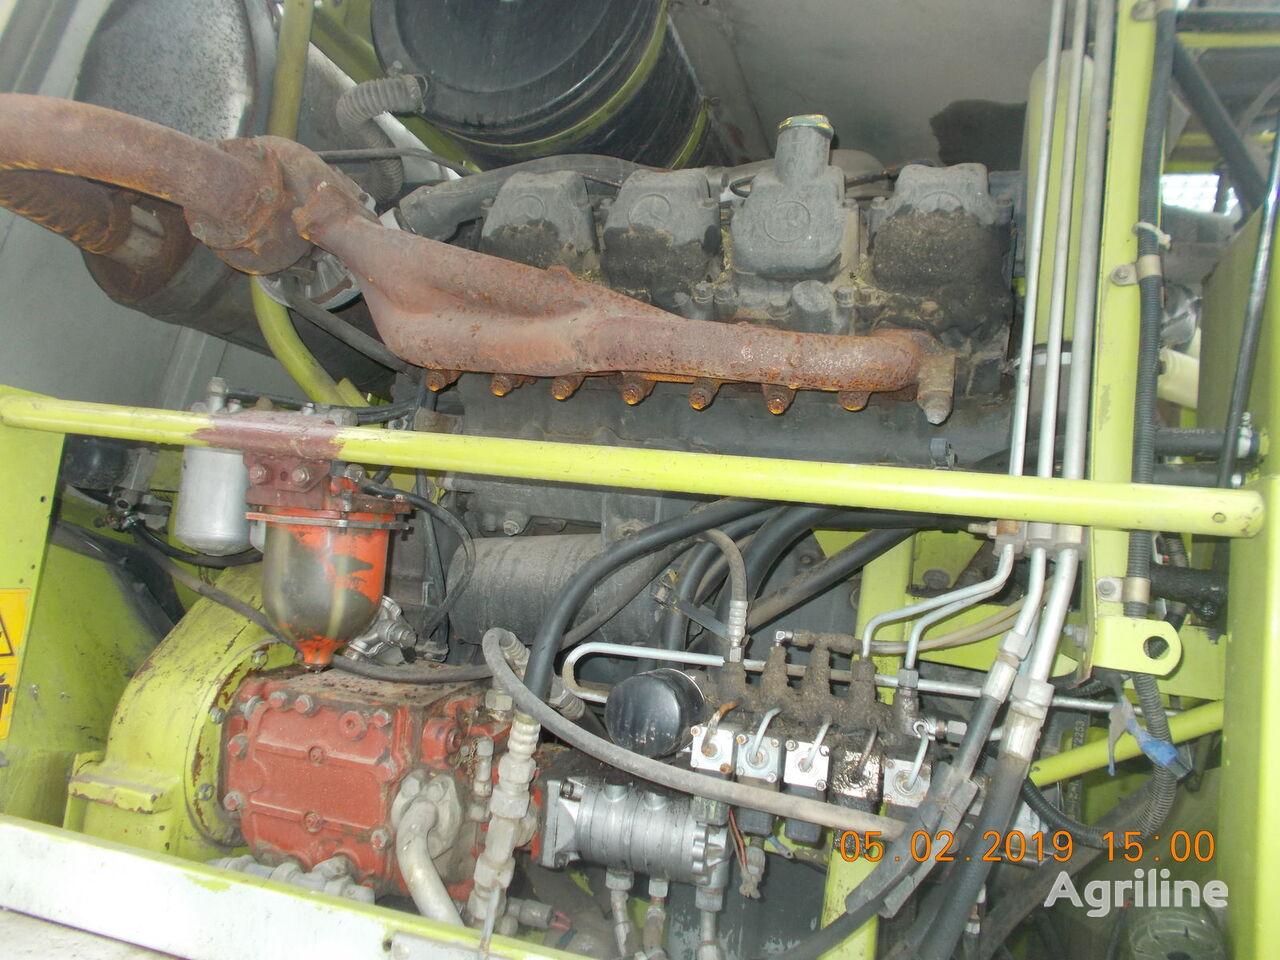 двигатель MERCEDES-BENZ OM 442 LA для комбайна CLAAS Jaguar 860